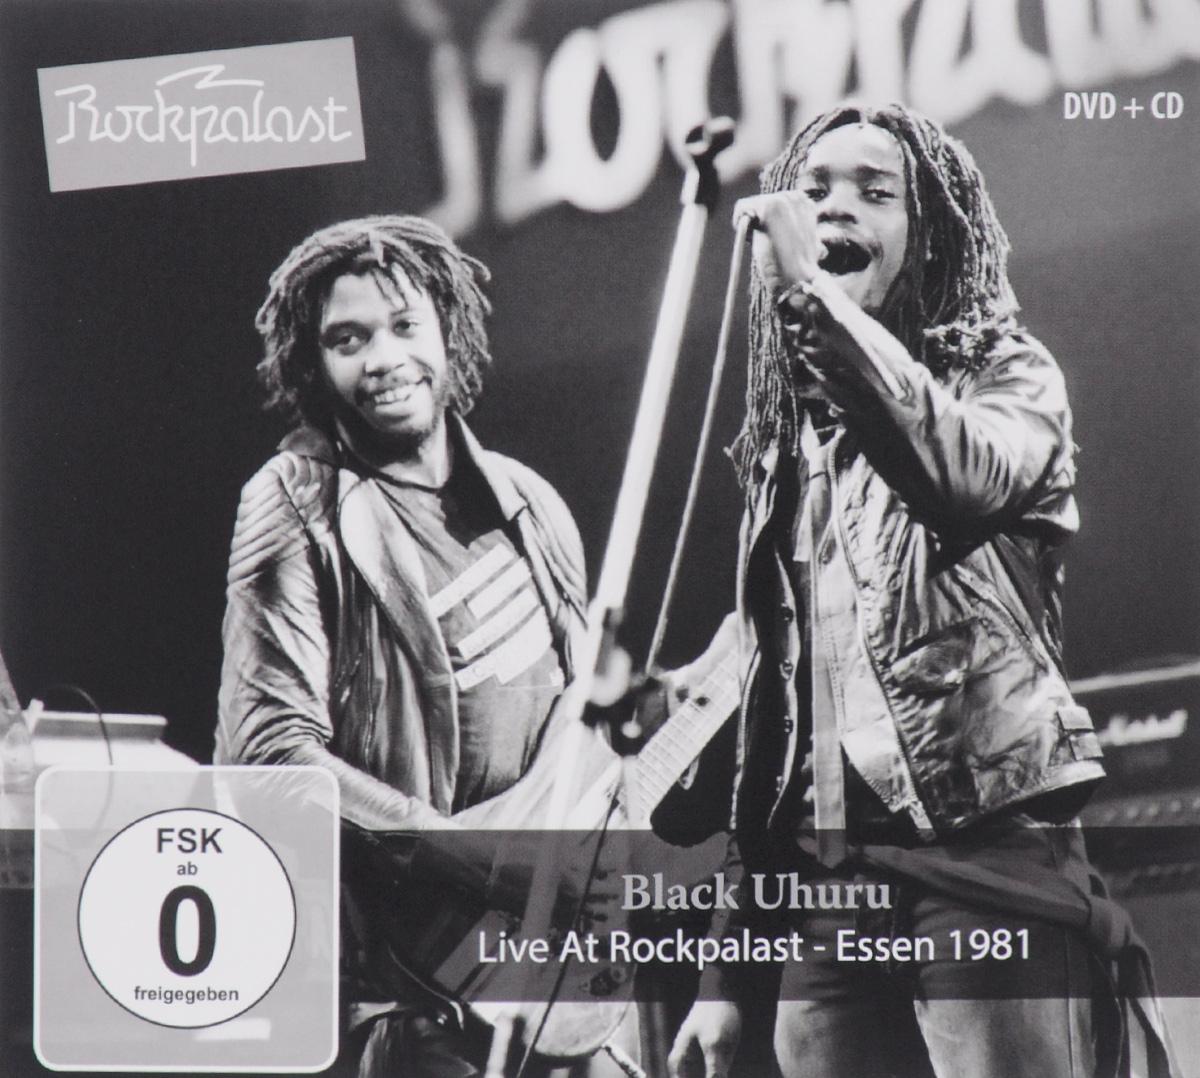 """""""Black Uhuru"""" Black Uhuru. Live At Rockpalast. Essen 1981 (CD + DVD)"""